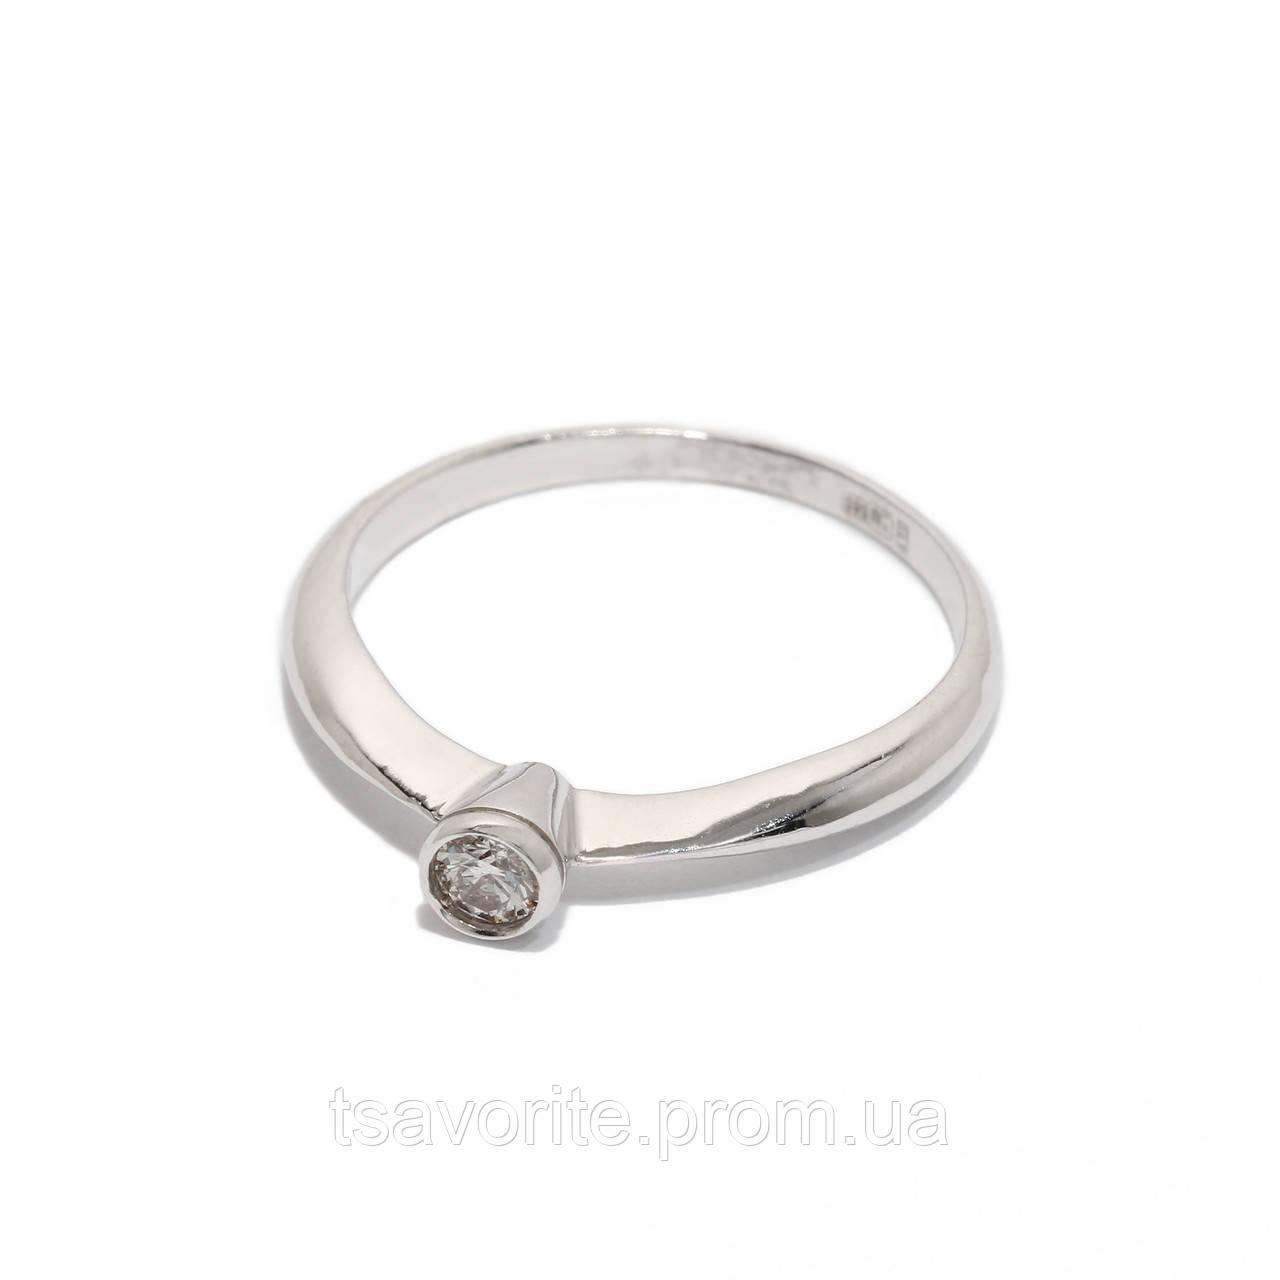 Золотое кольцо с бриллиантом 2231515